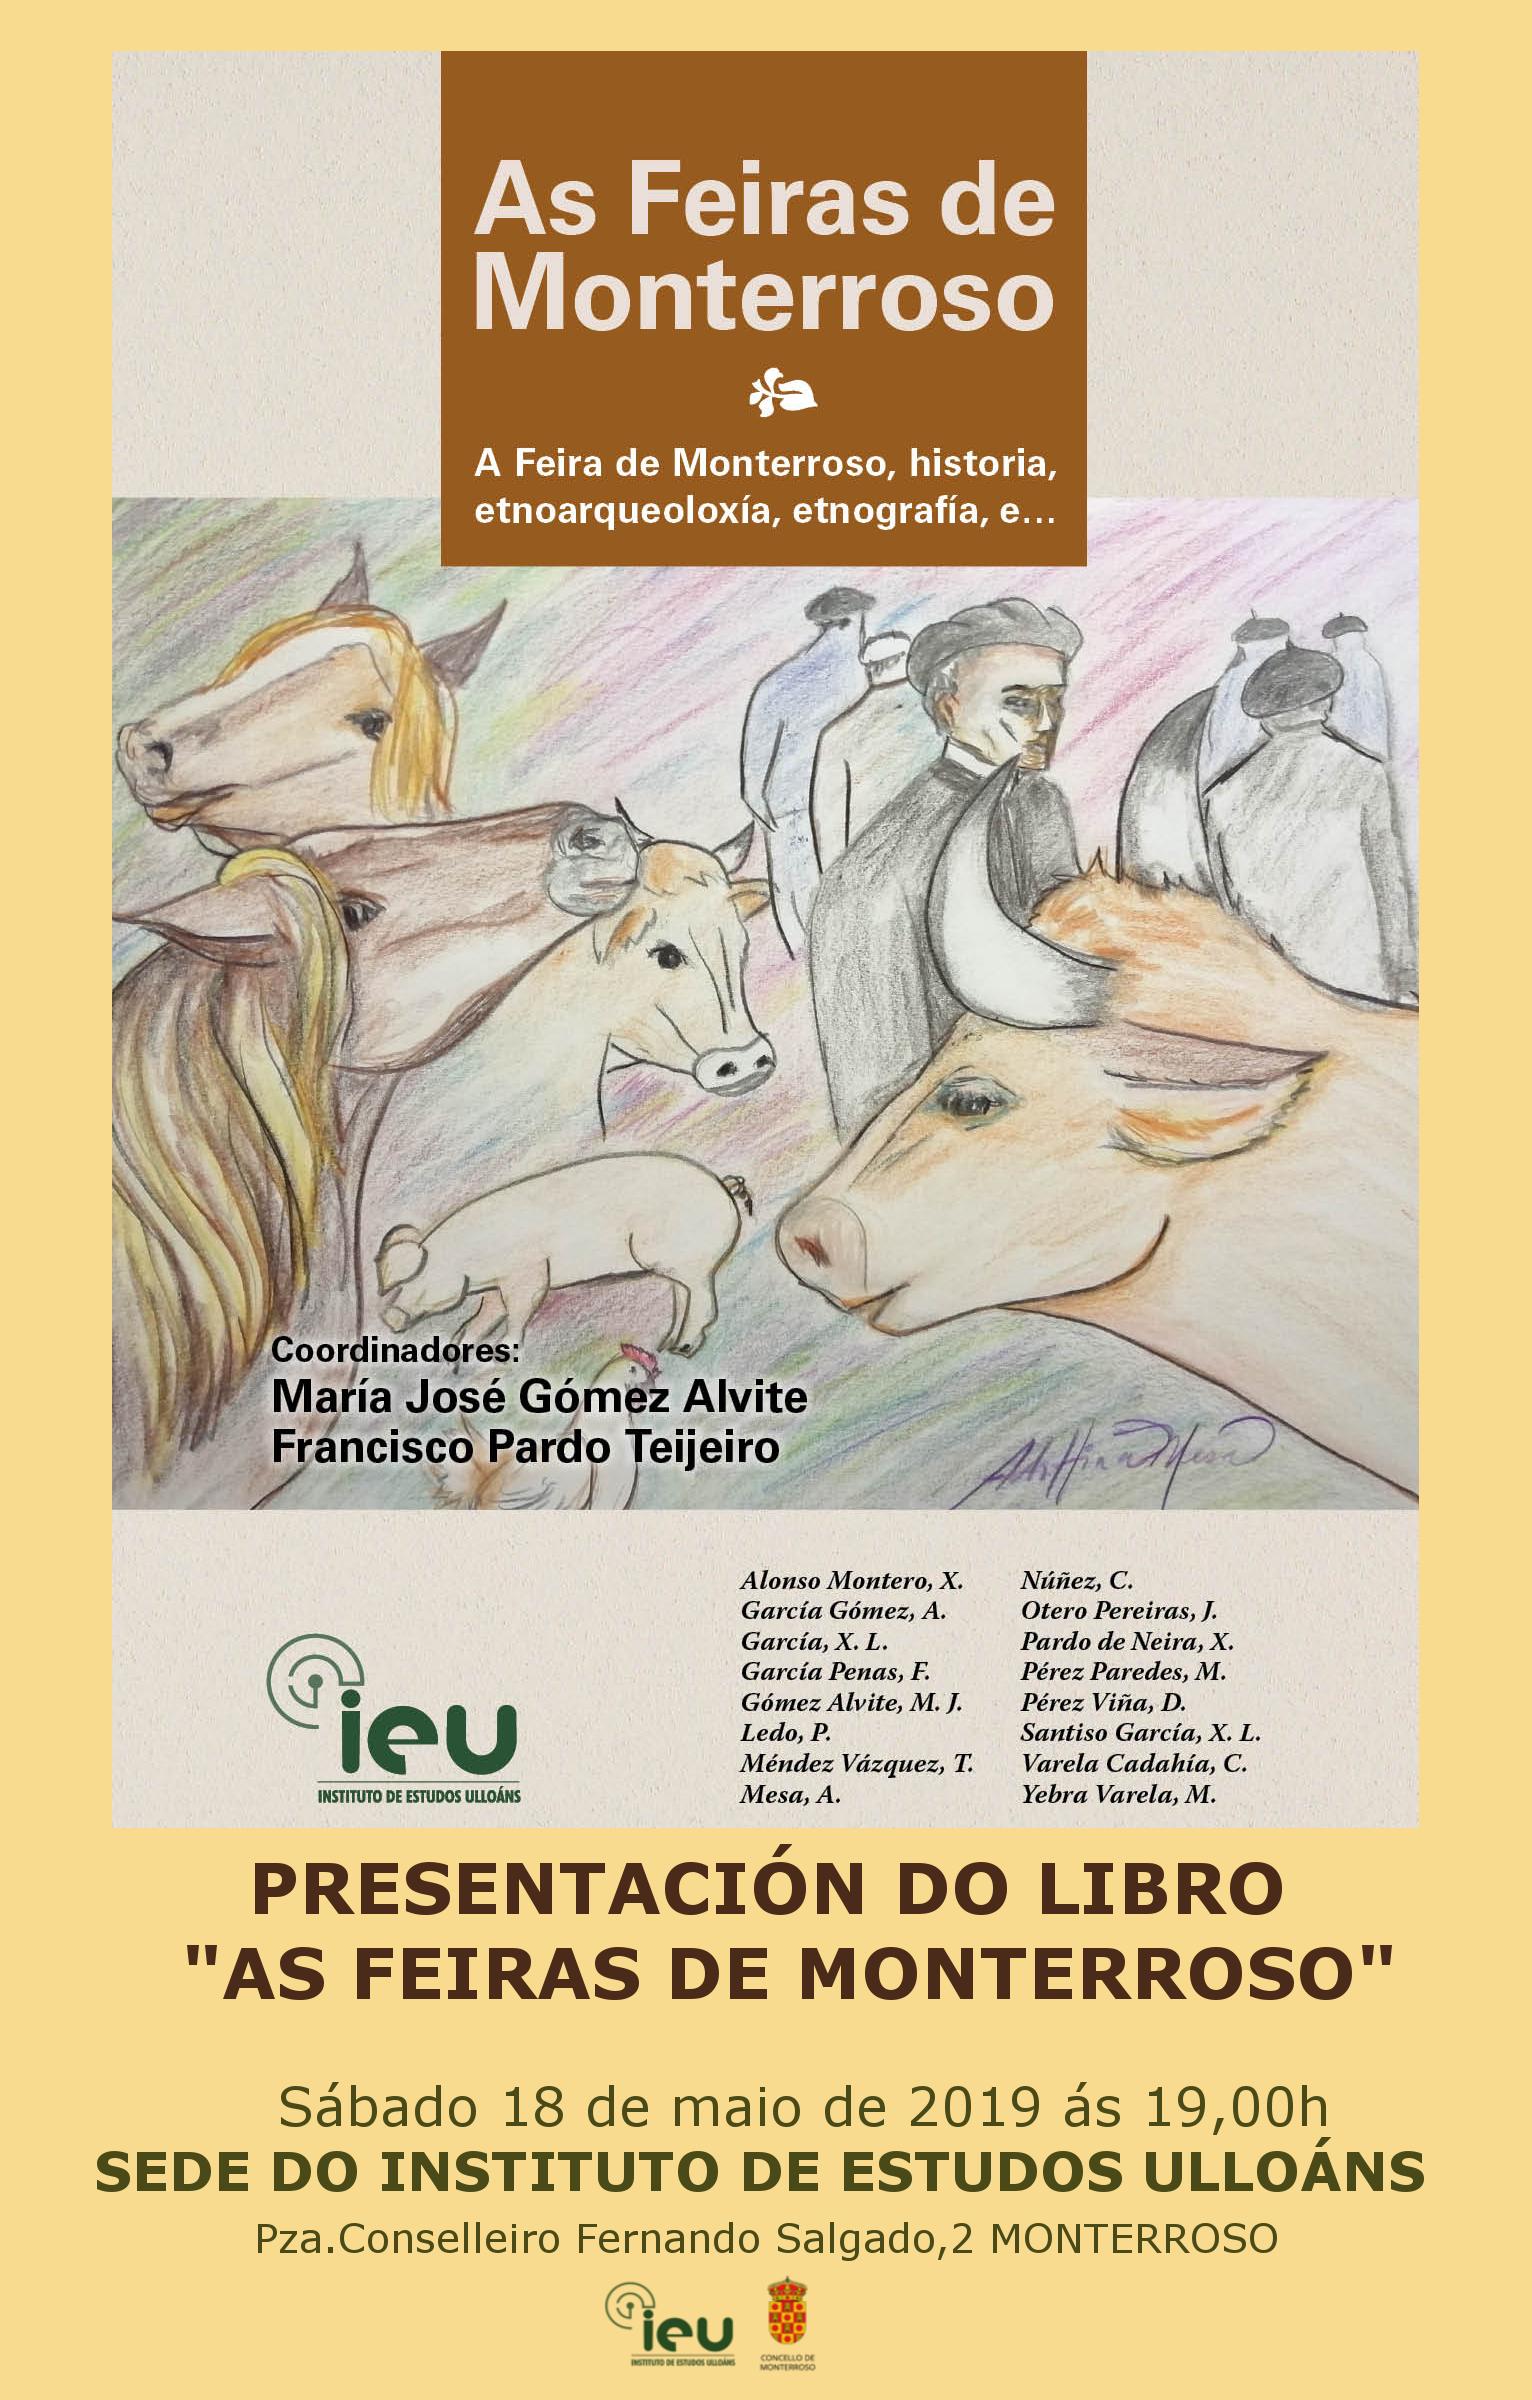 17 maio 2019 Día das letras Galegas, Presentación libro As Feiras de Monterroso, Instituto de Estudos Ulloáns, Concello de Monterroso, Deputación de Lugo, IEU